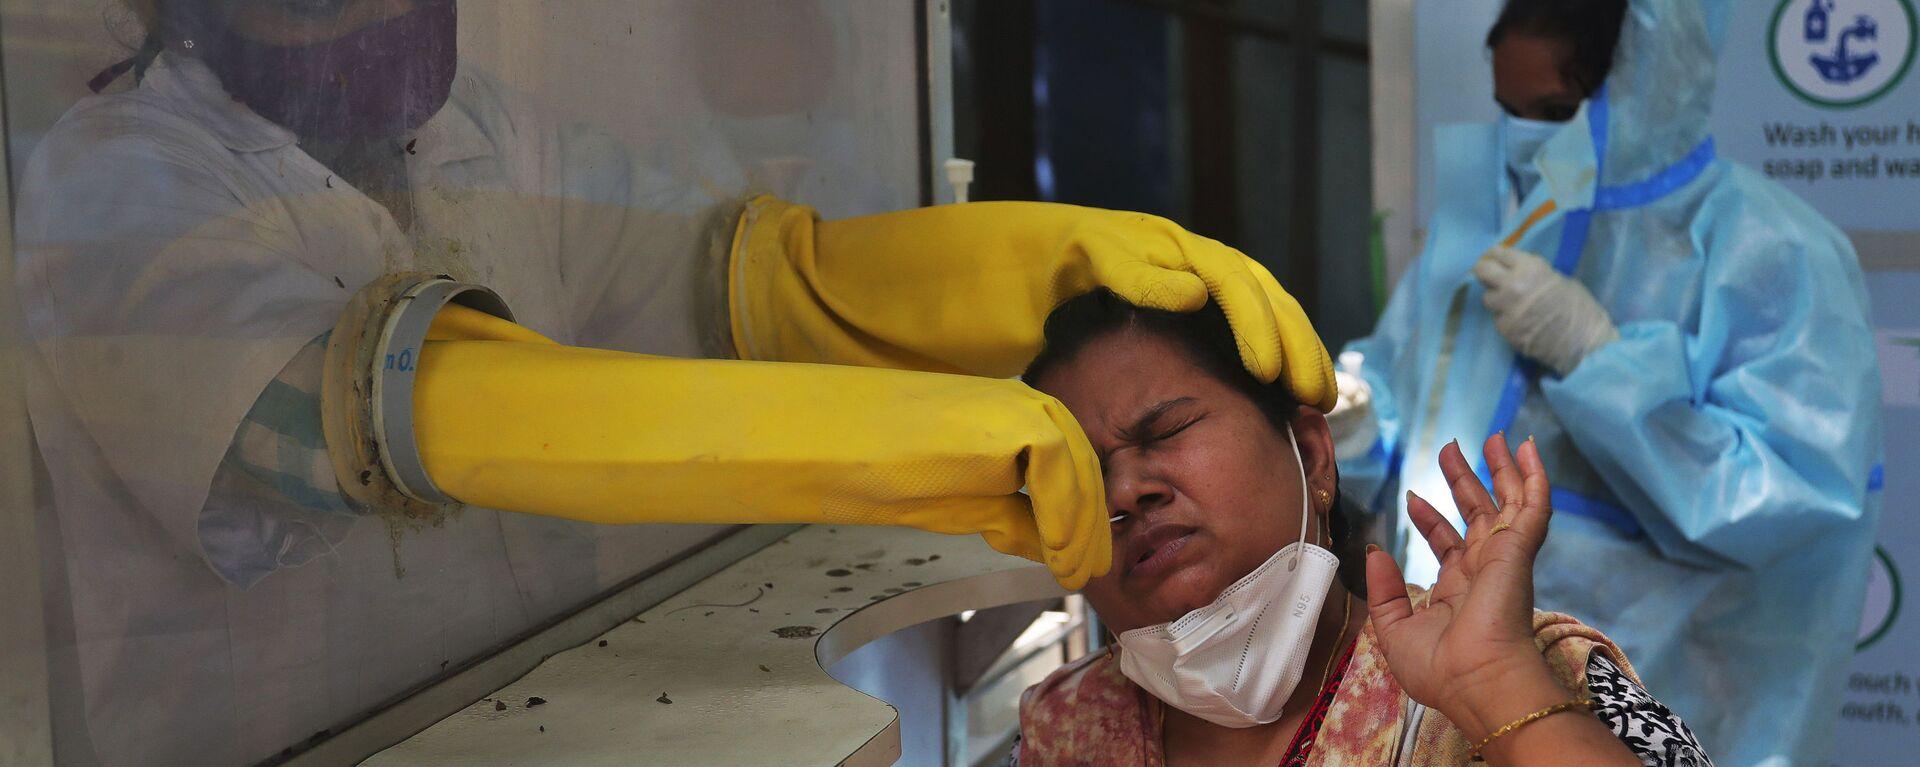 Медицинский работник проводит тест в Индии - Sputnik Italia, 1920, 24.03.2021